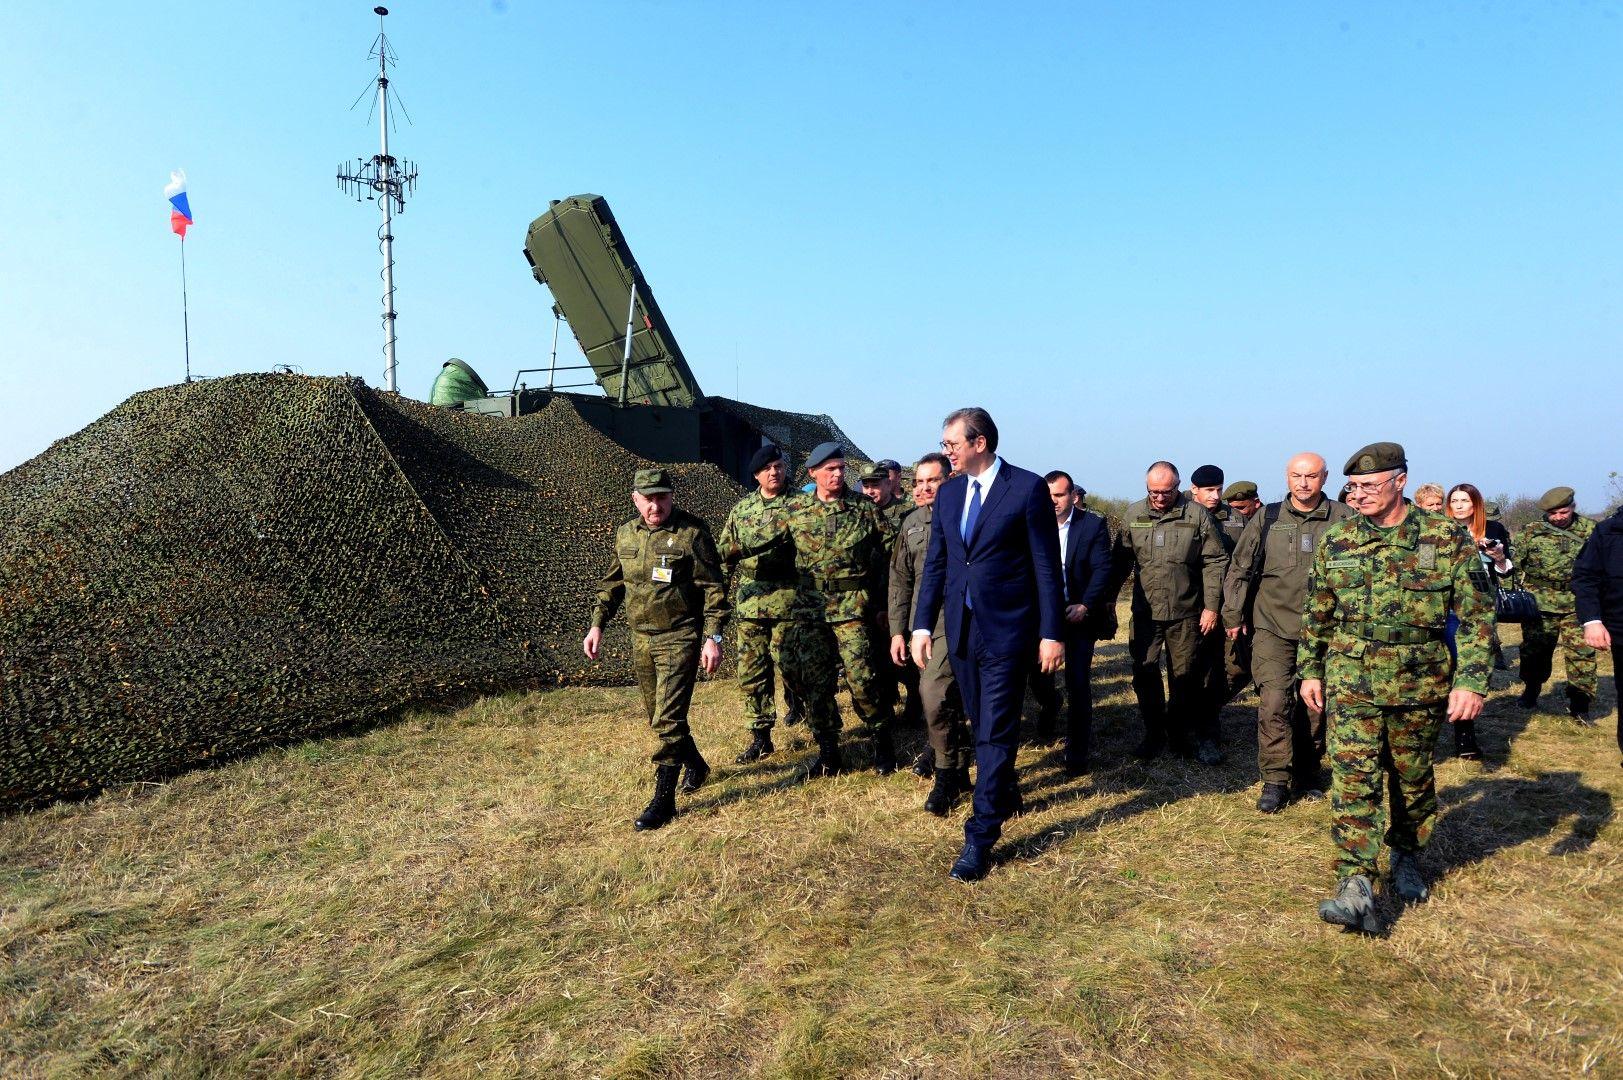 Президентът на Сърбия Александър Вучич на посещение по време съвместното руско-сръбско военно учение край Белград